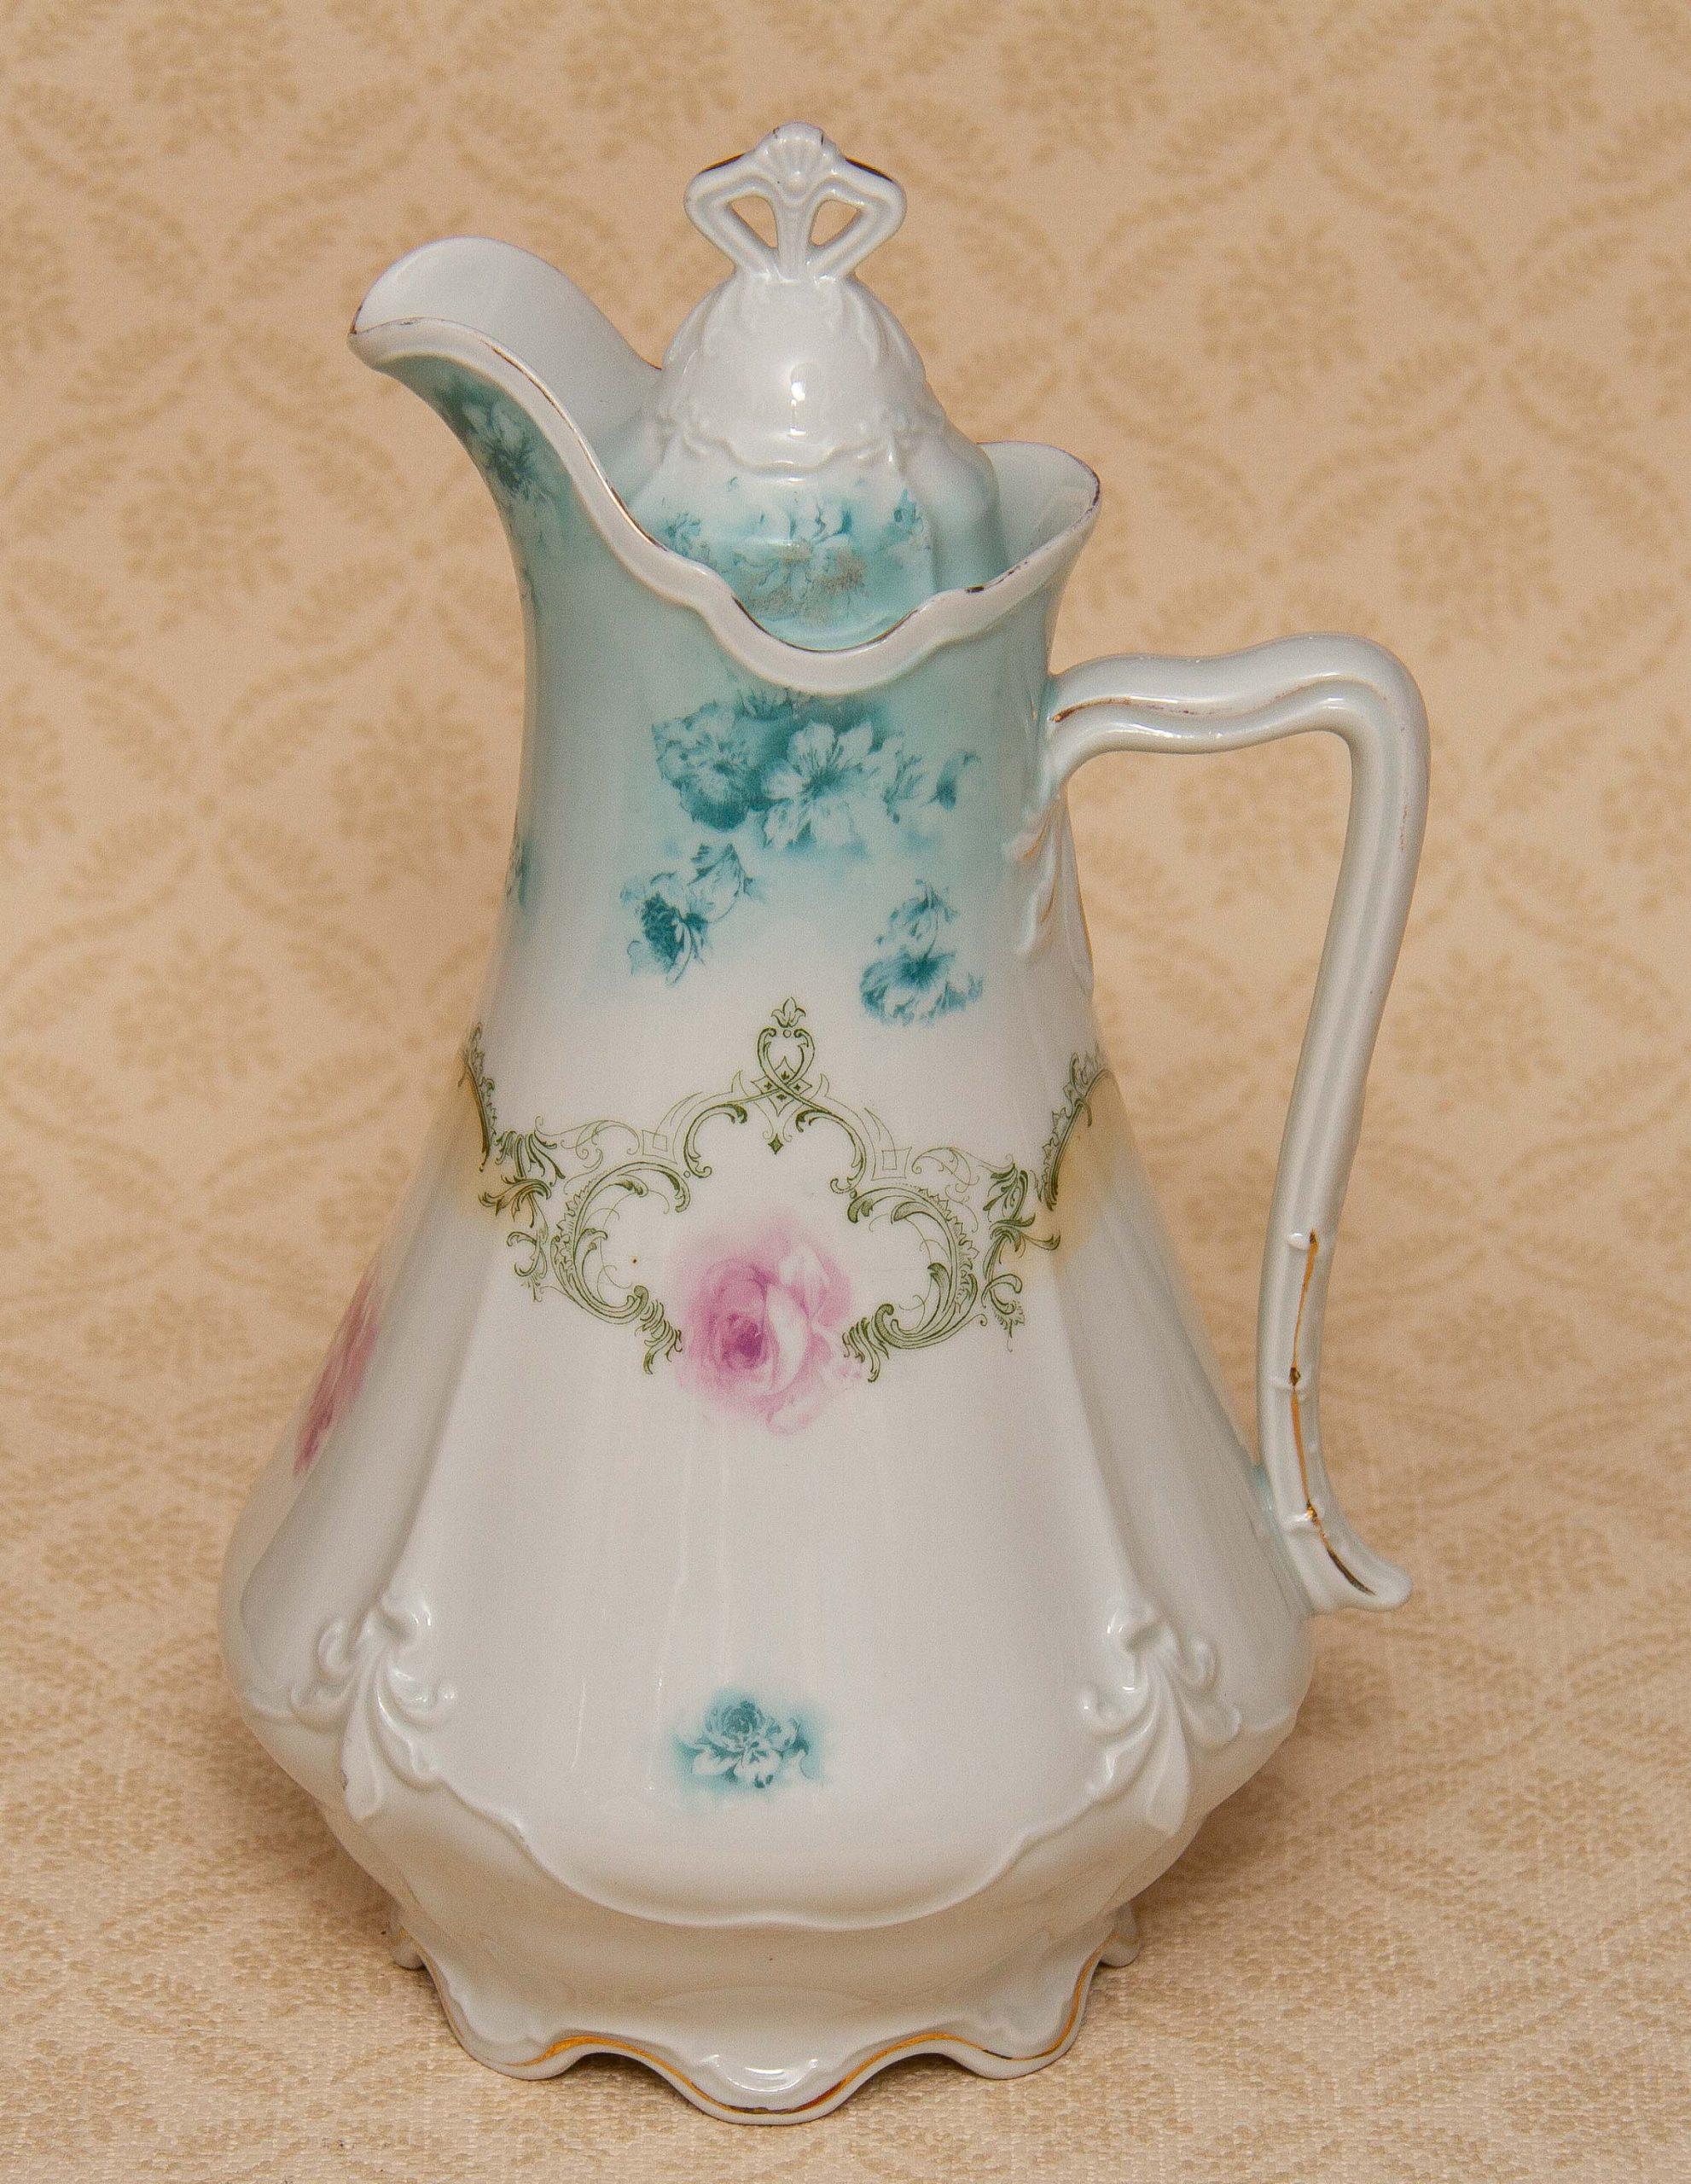 German Porcelain Antique Tea Pot